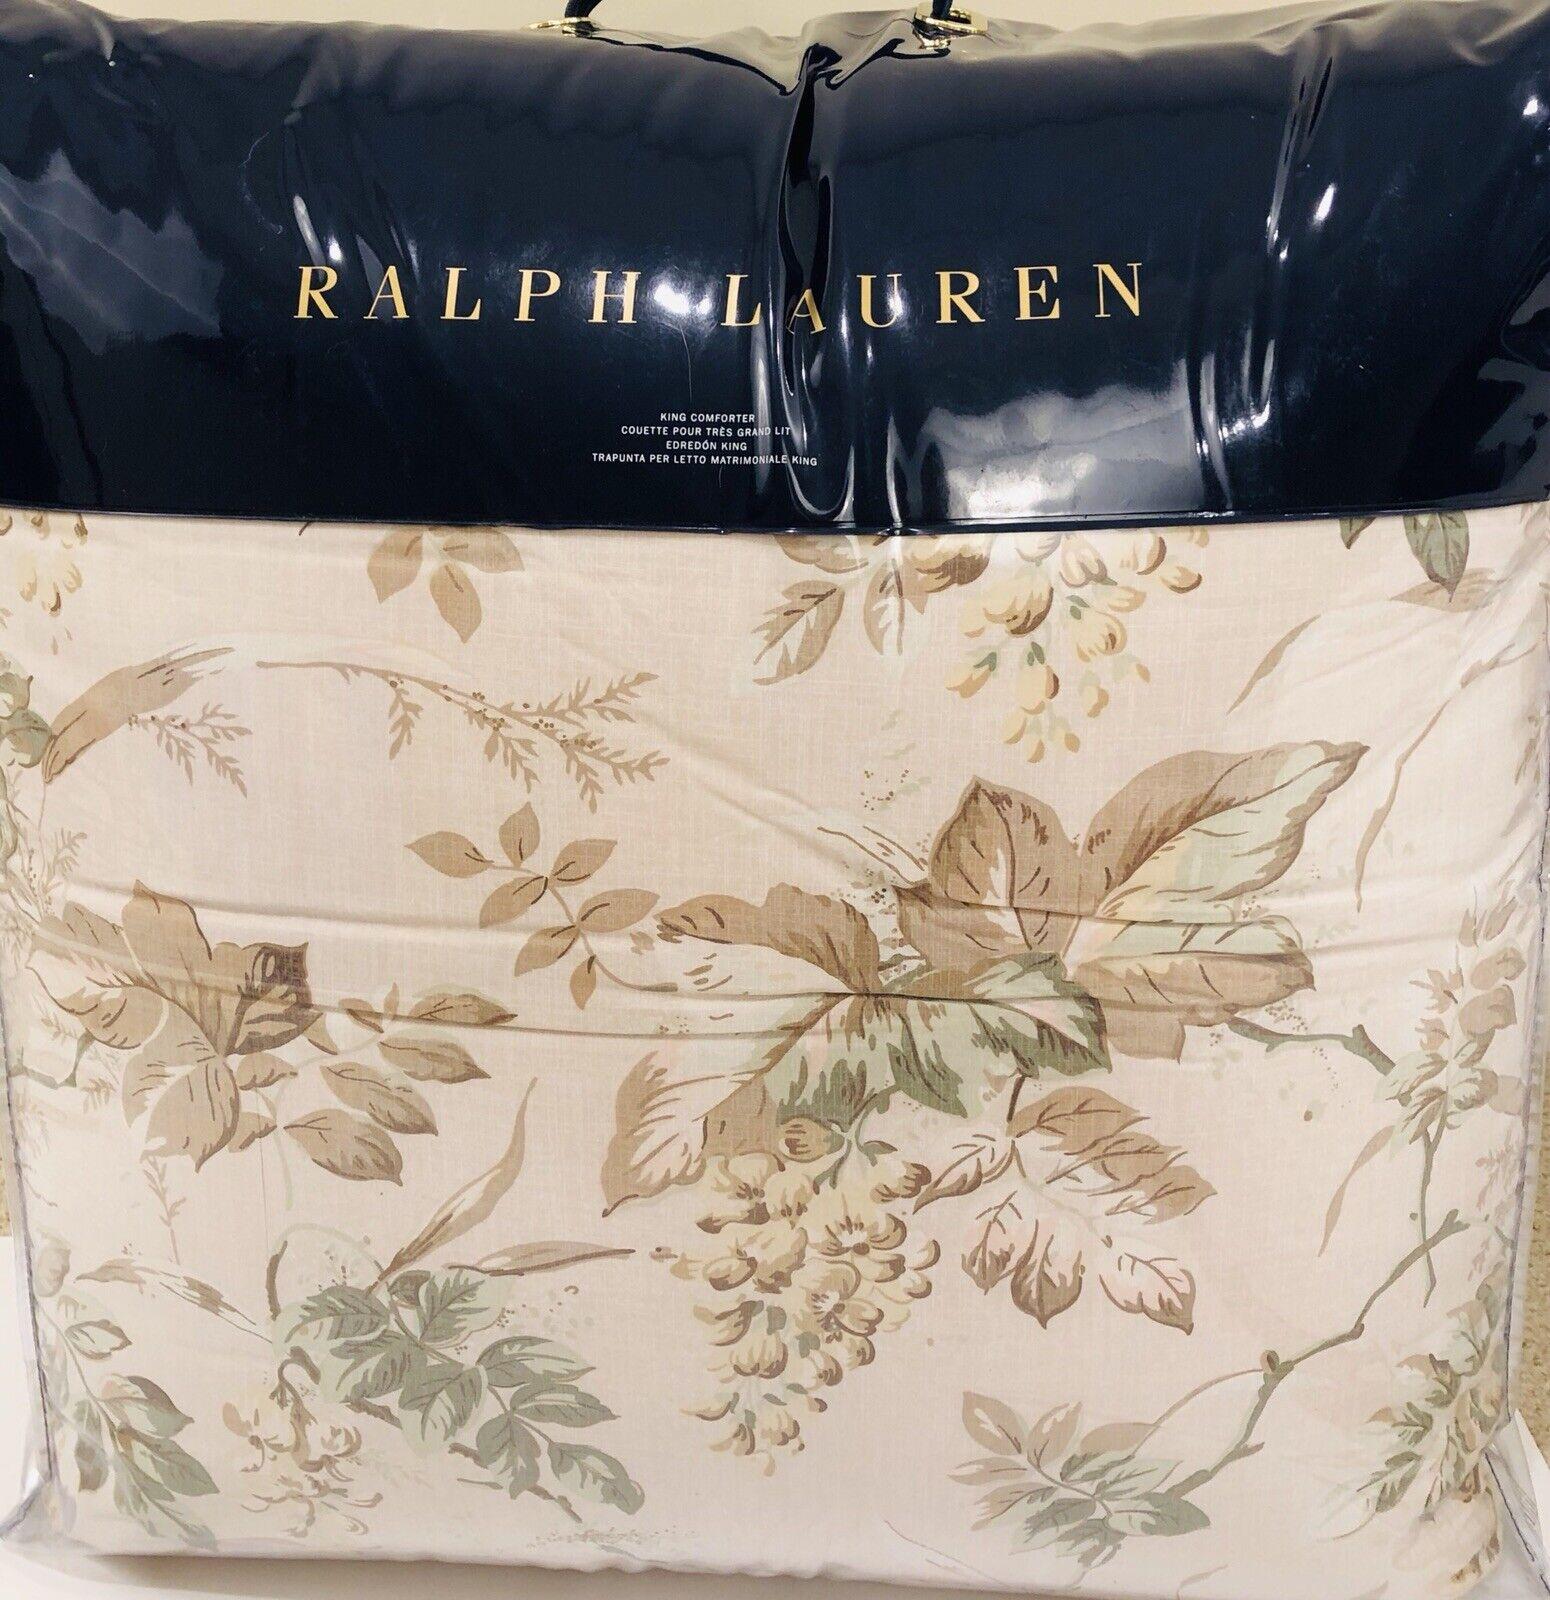 RALPH LAUREN Annandale König Comforter LINDSLEY Blaush FLORAL Cotton MSRP  430 NWT